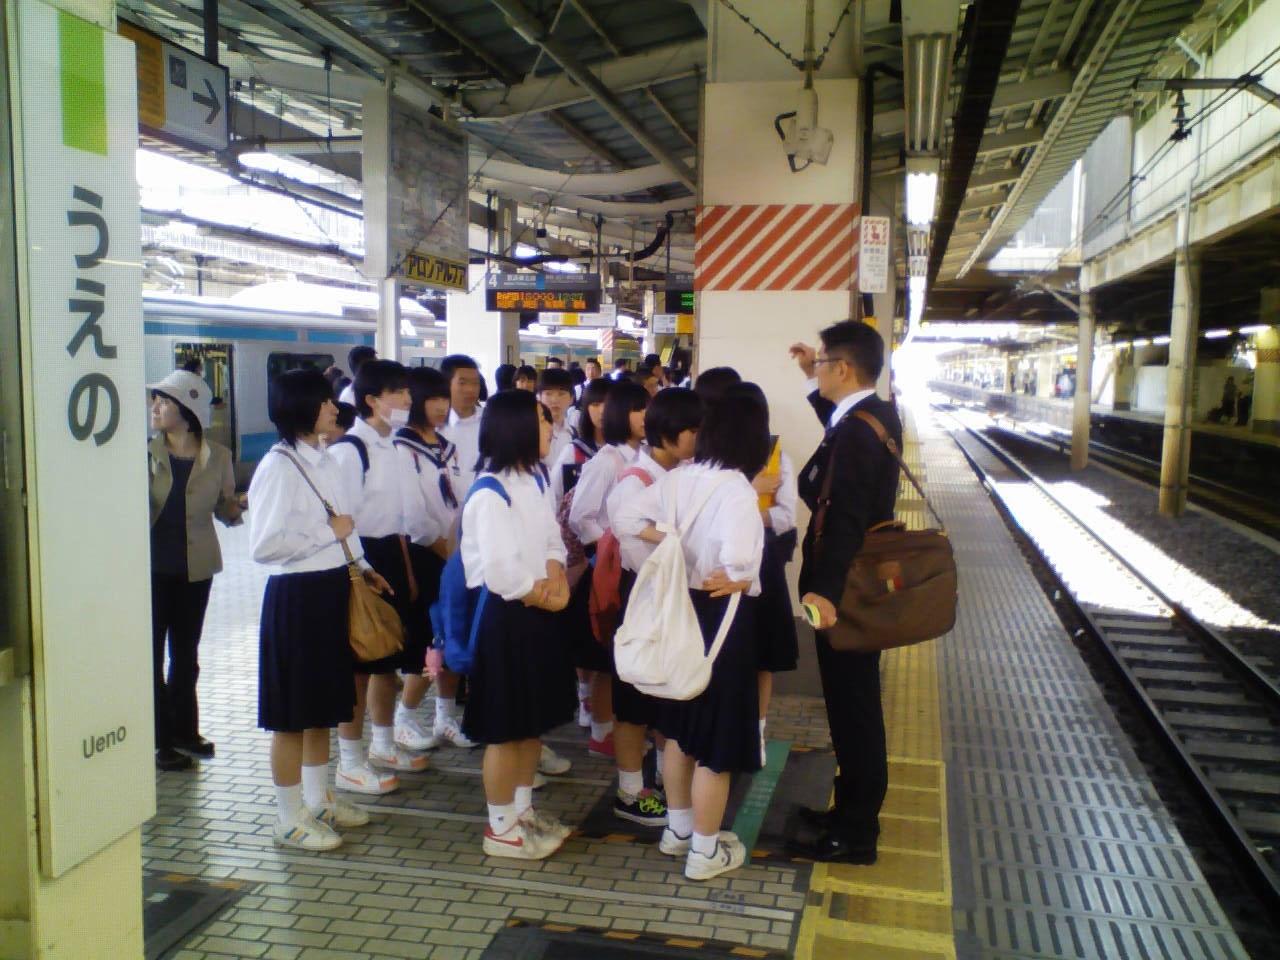 上野駅集合